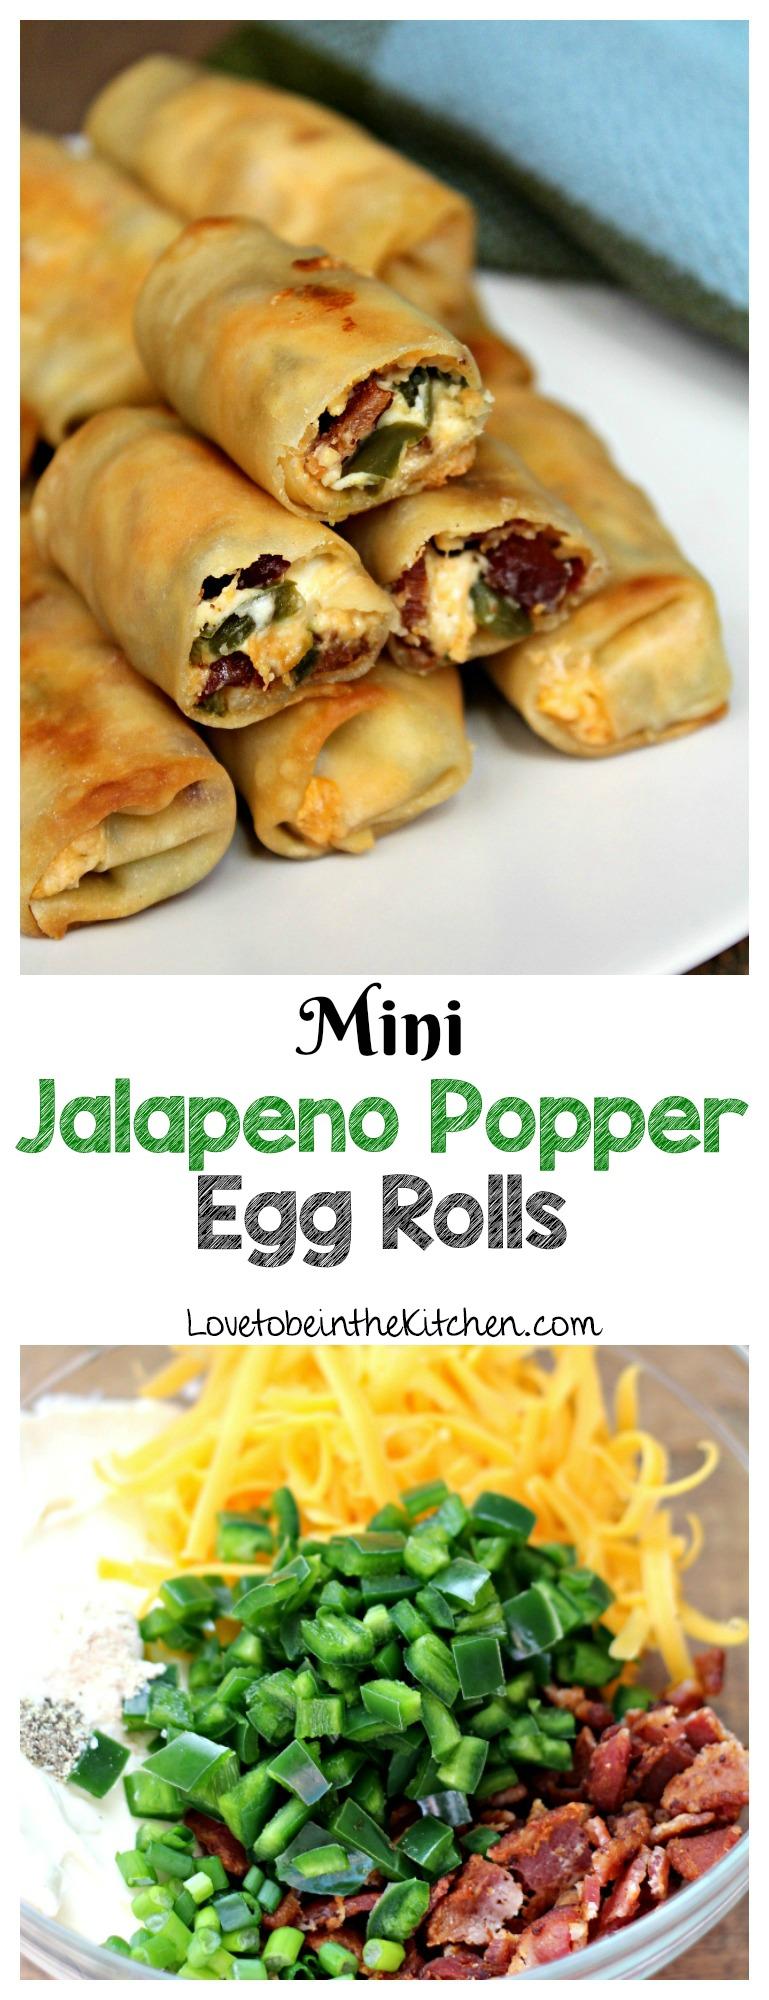 Mini Jalapeno Popper Egg Rolls